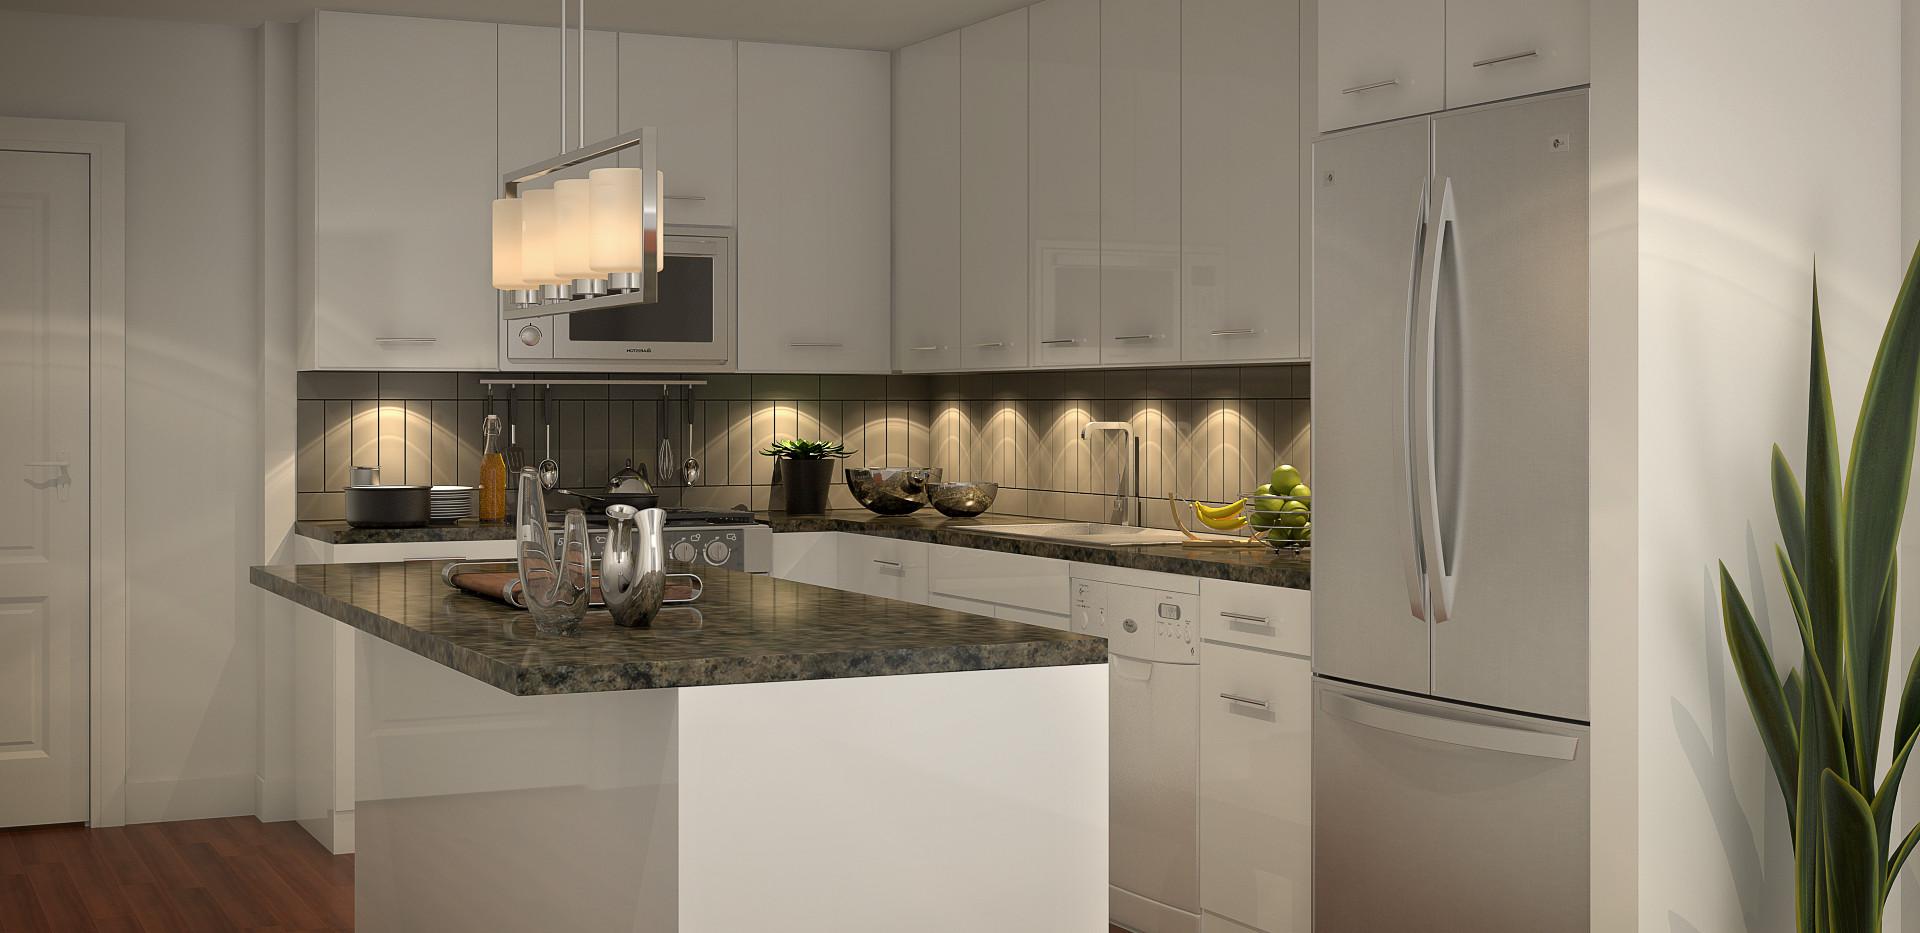 kitchen_Draft.jpg